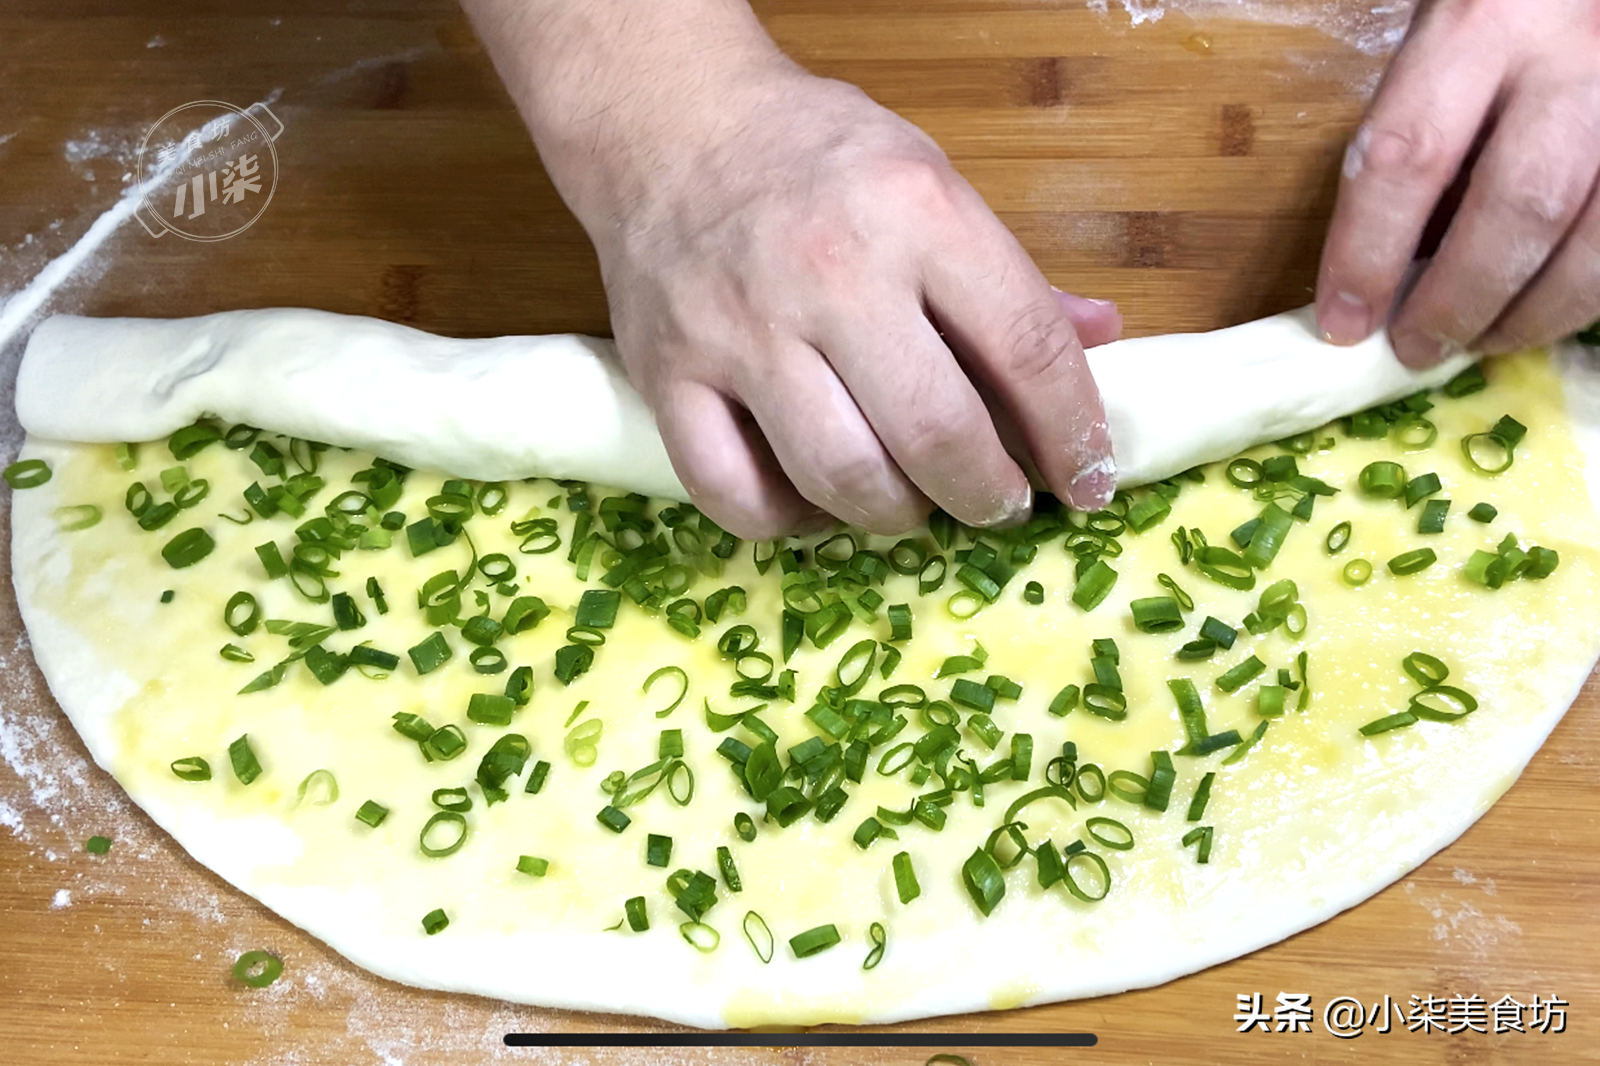 葱油饼这样做,真的是太香了,一周吃7次都不腻,详细做法教会你